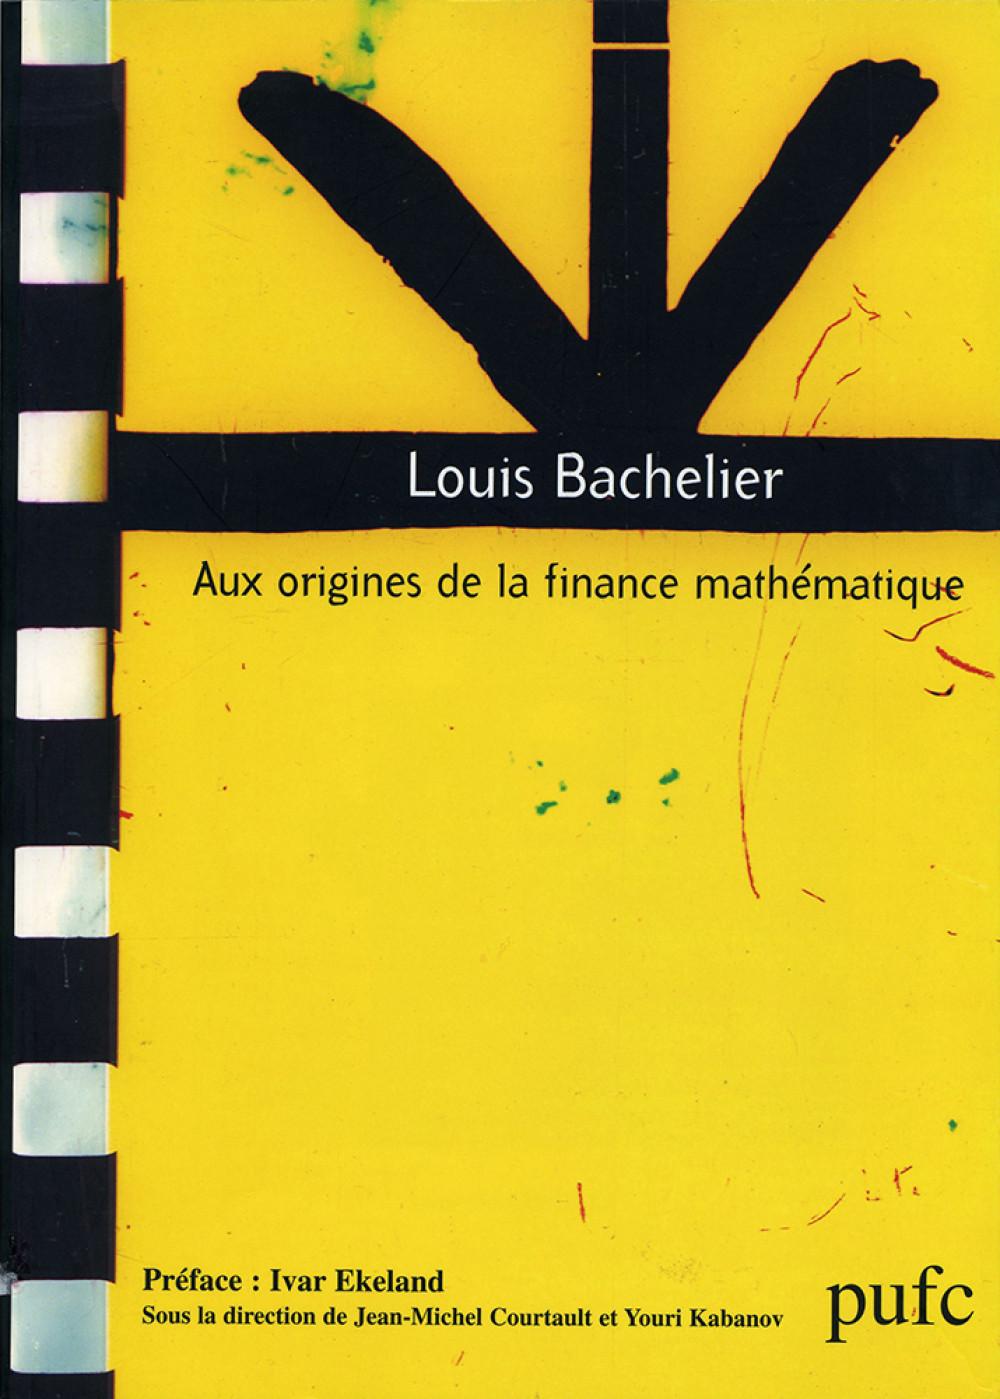 Louis Bachelier